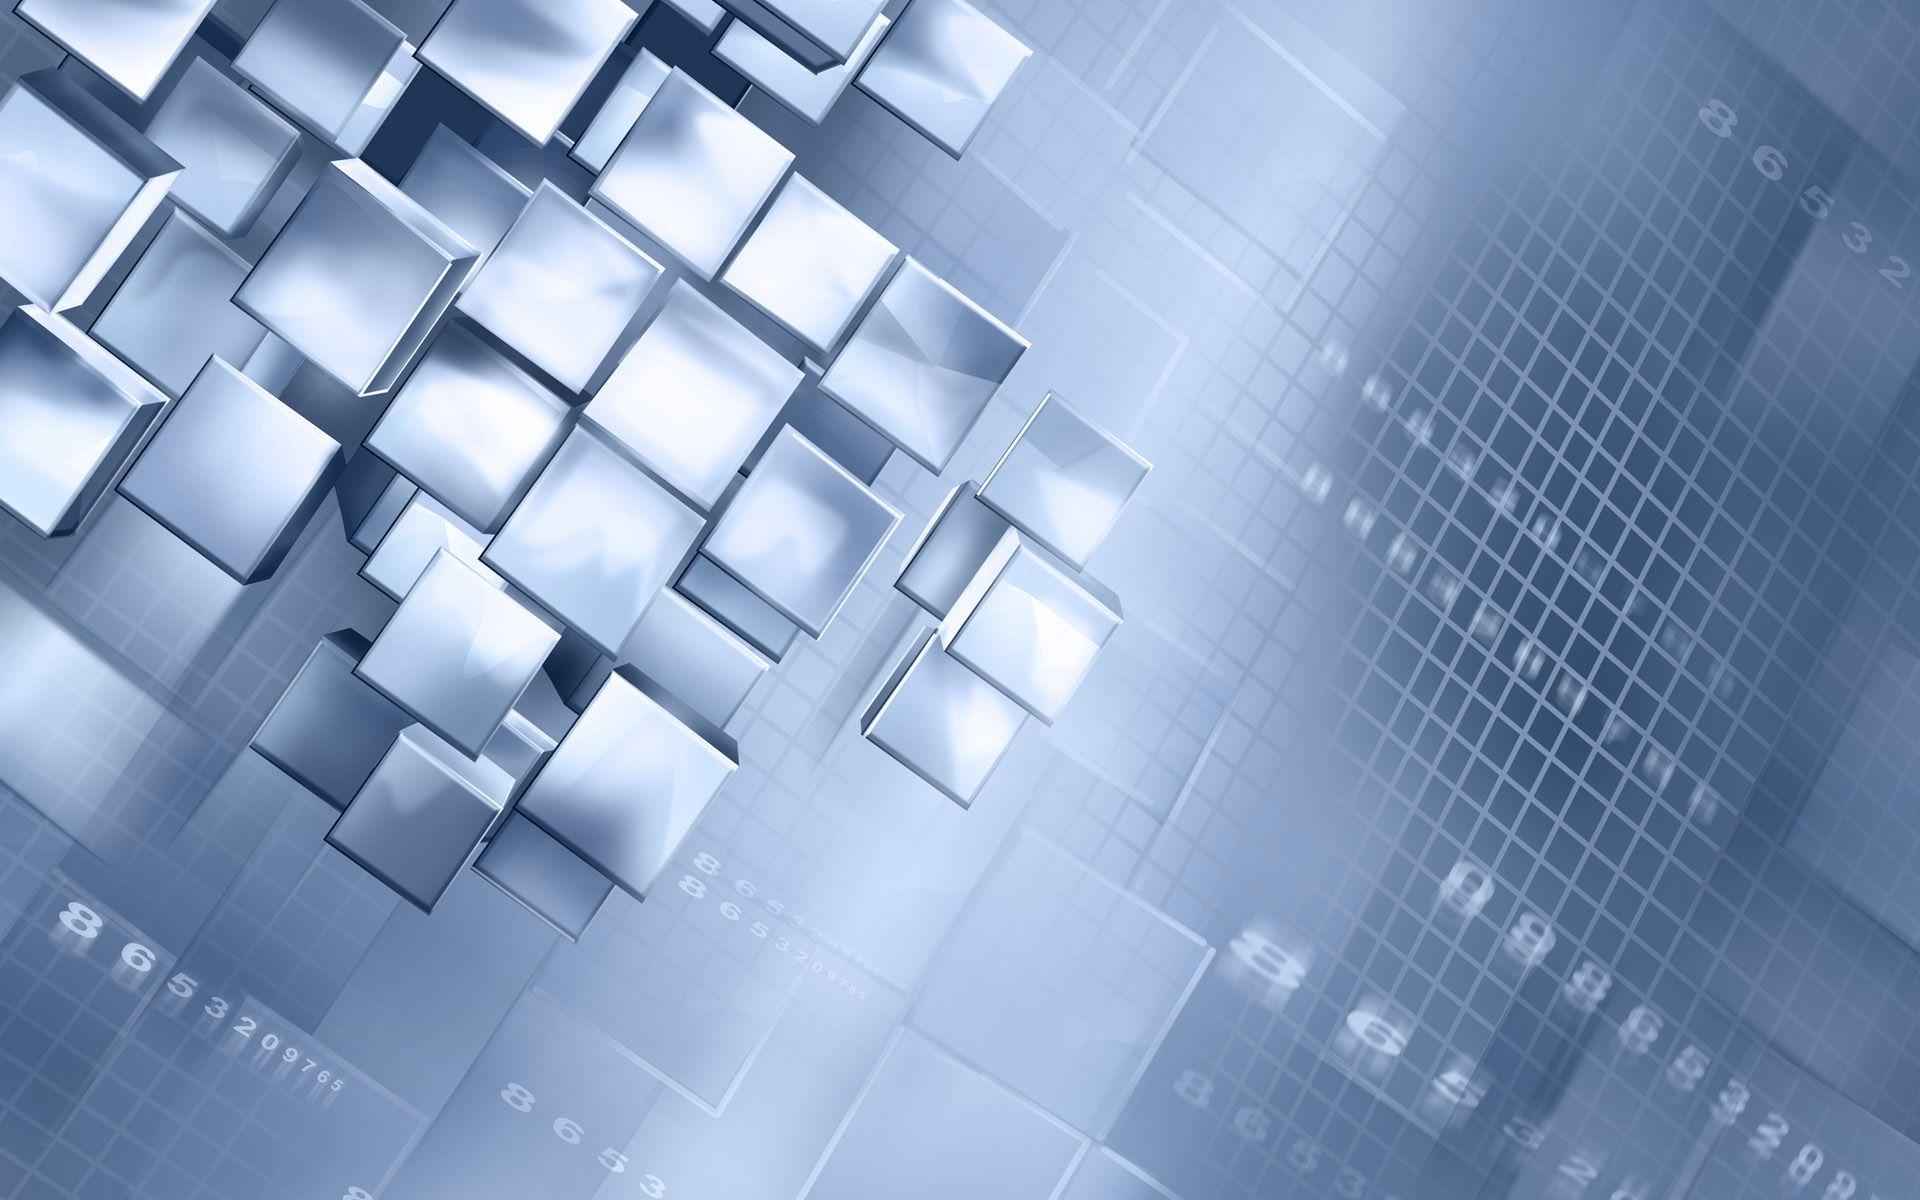 Blue Abstract Wallpaper Technology Wallpaper Abstract Wallpaper Digital Wallpaper